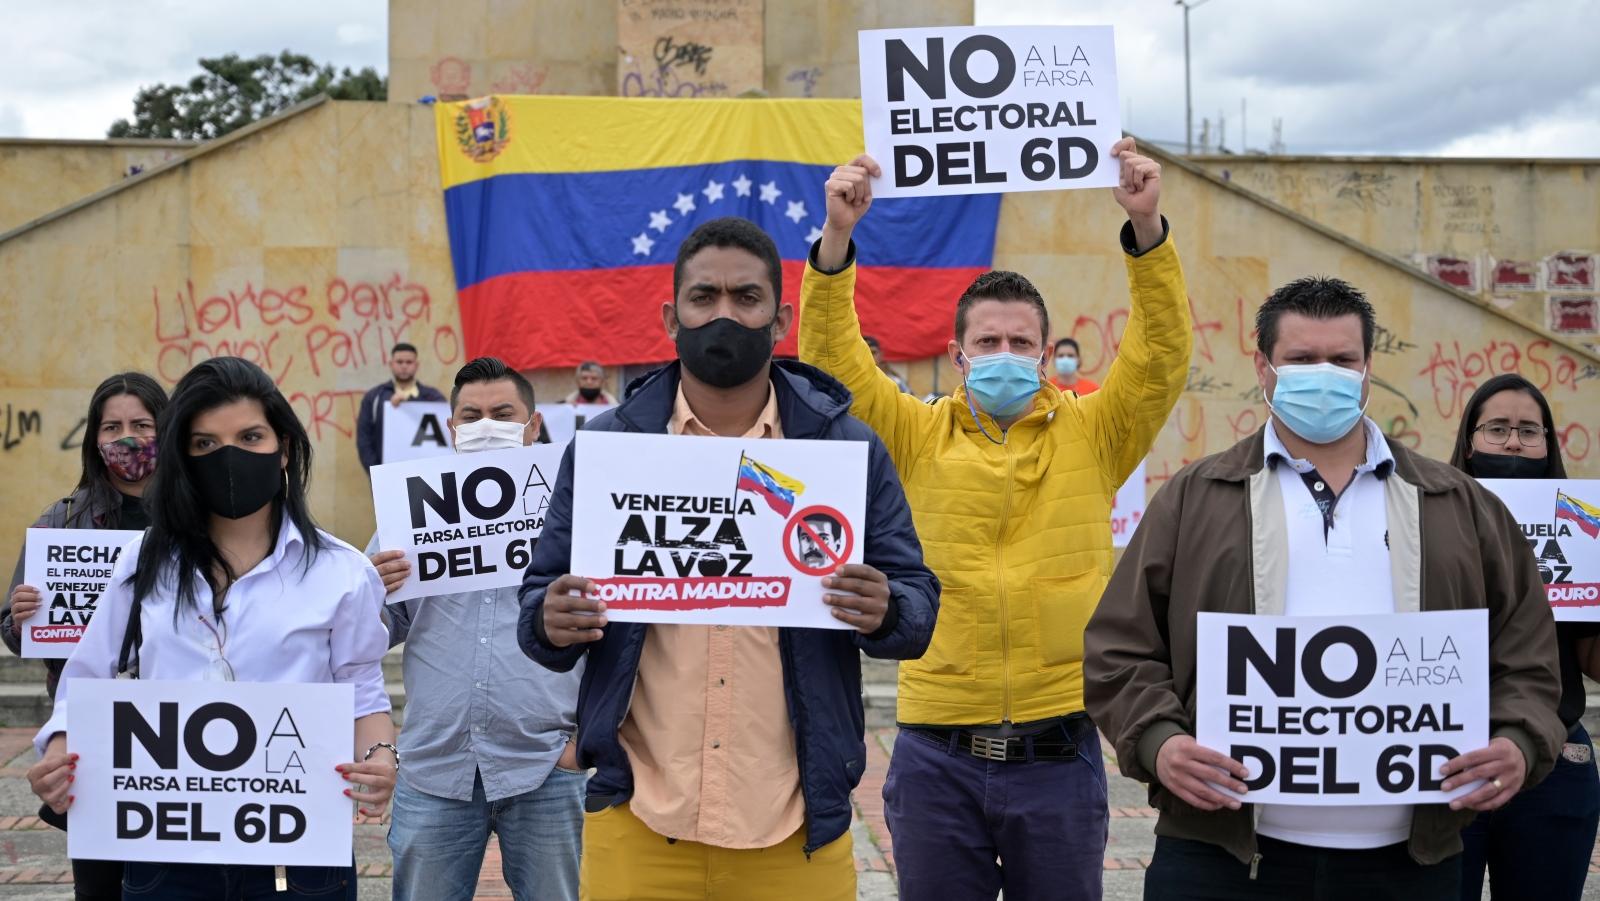 Protestas en Bogotá por elecciones parlamentarias de Maduro